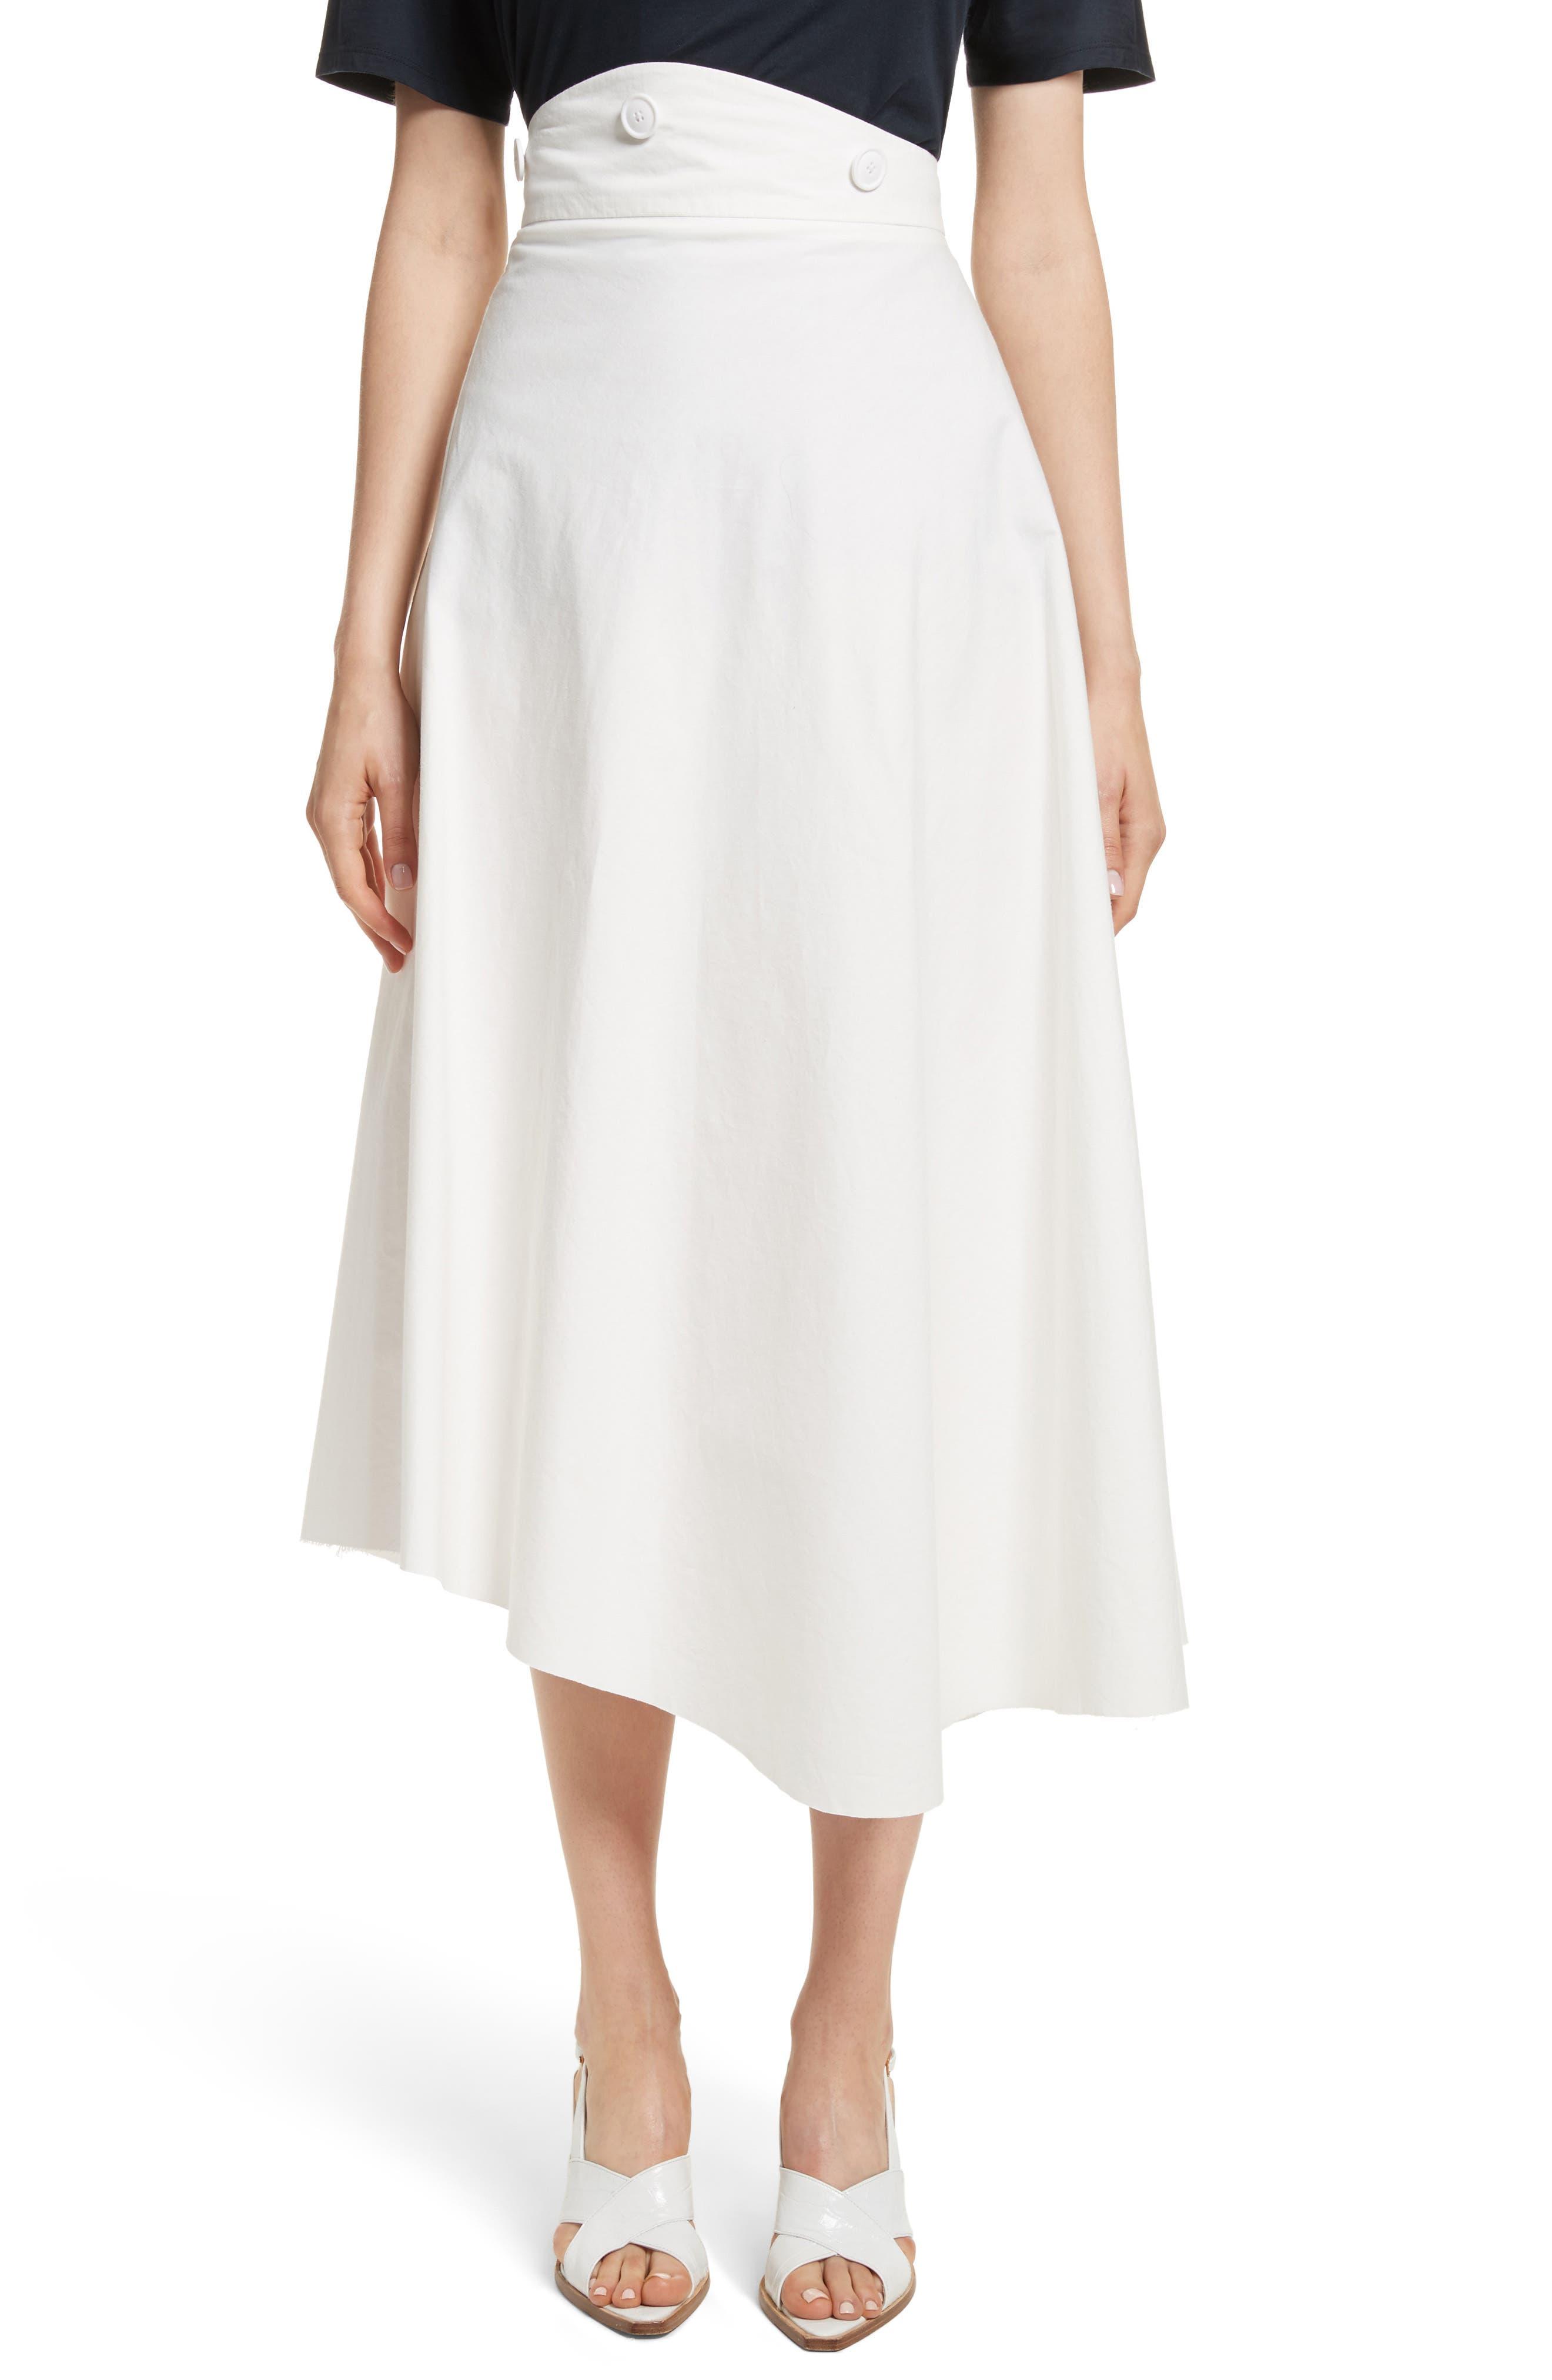 Main Image - A.W.A.K.E. A-Line Skirt